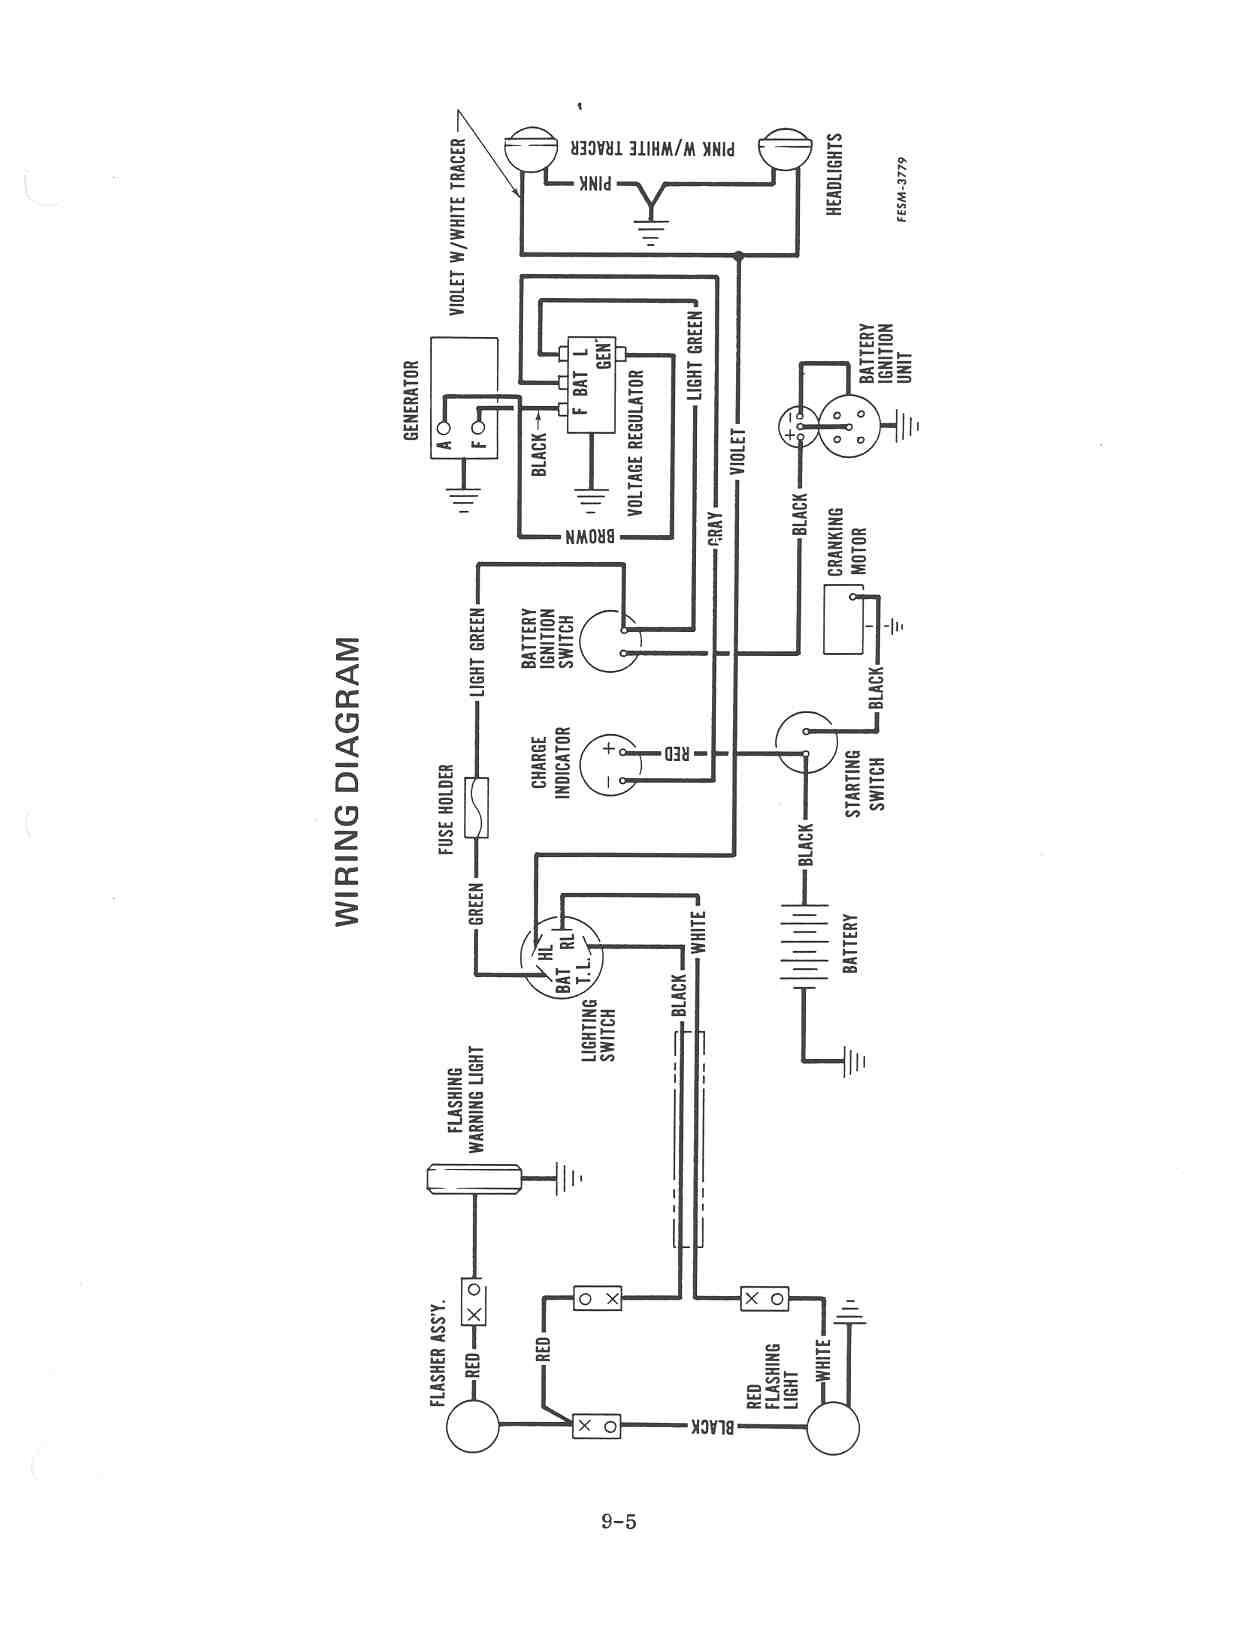 liquid level controller wiring diagram